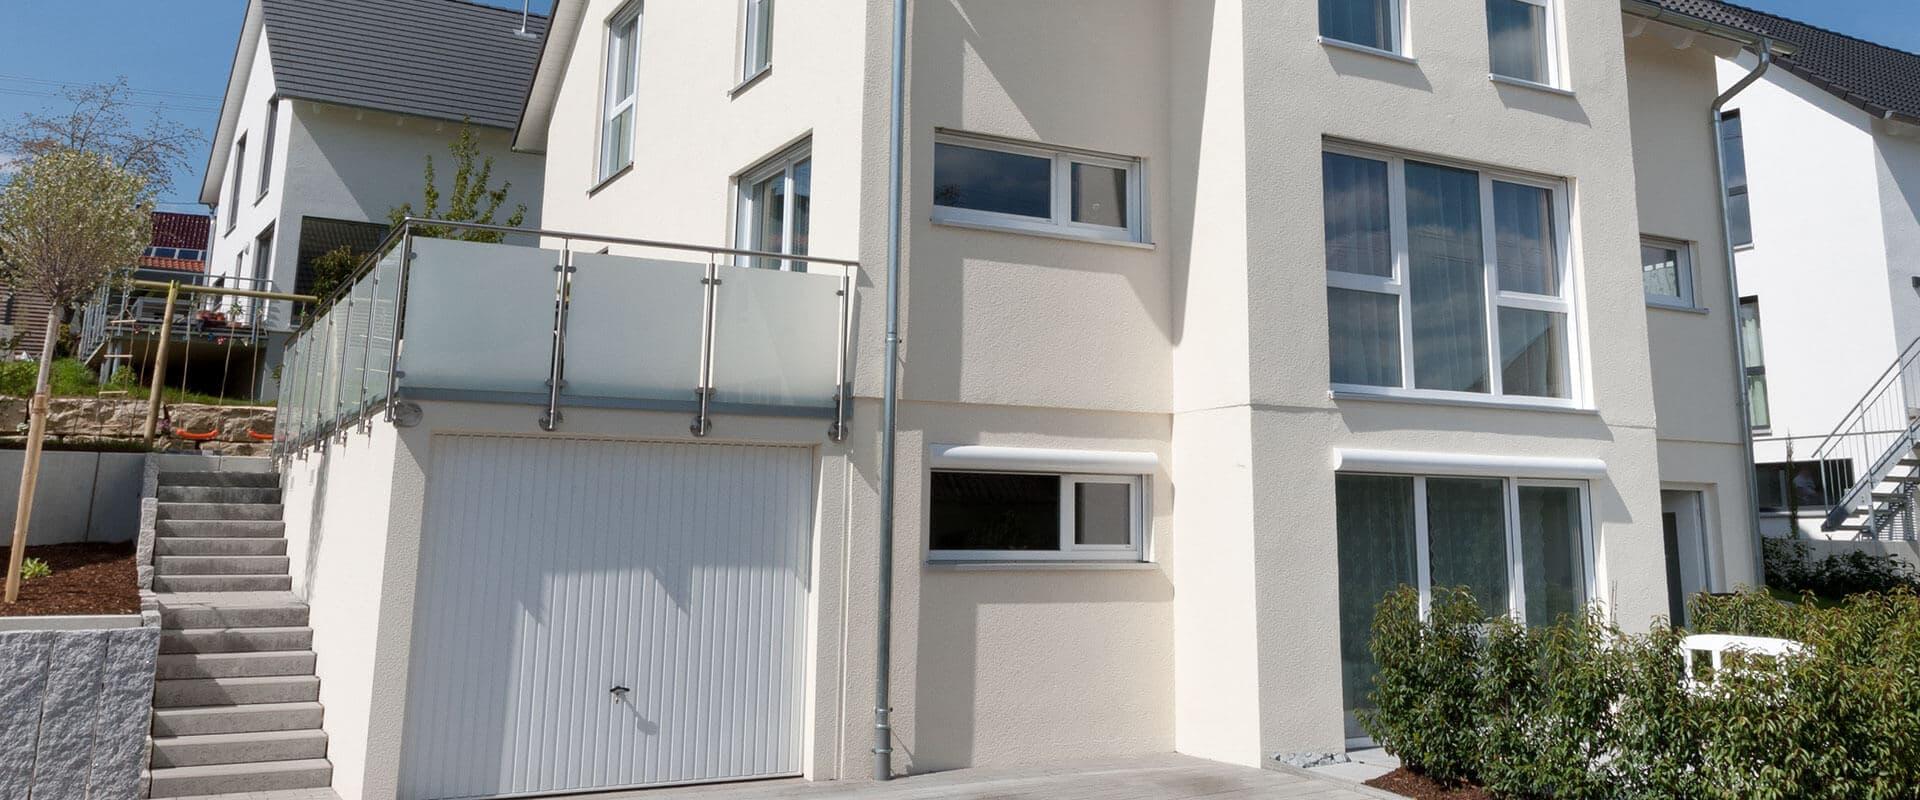 Einfamilienhaus U122 mit Einliegerwohnung